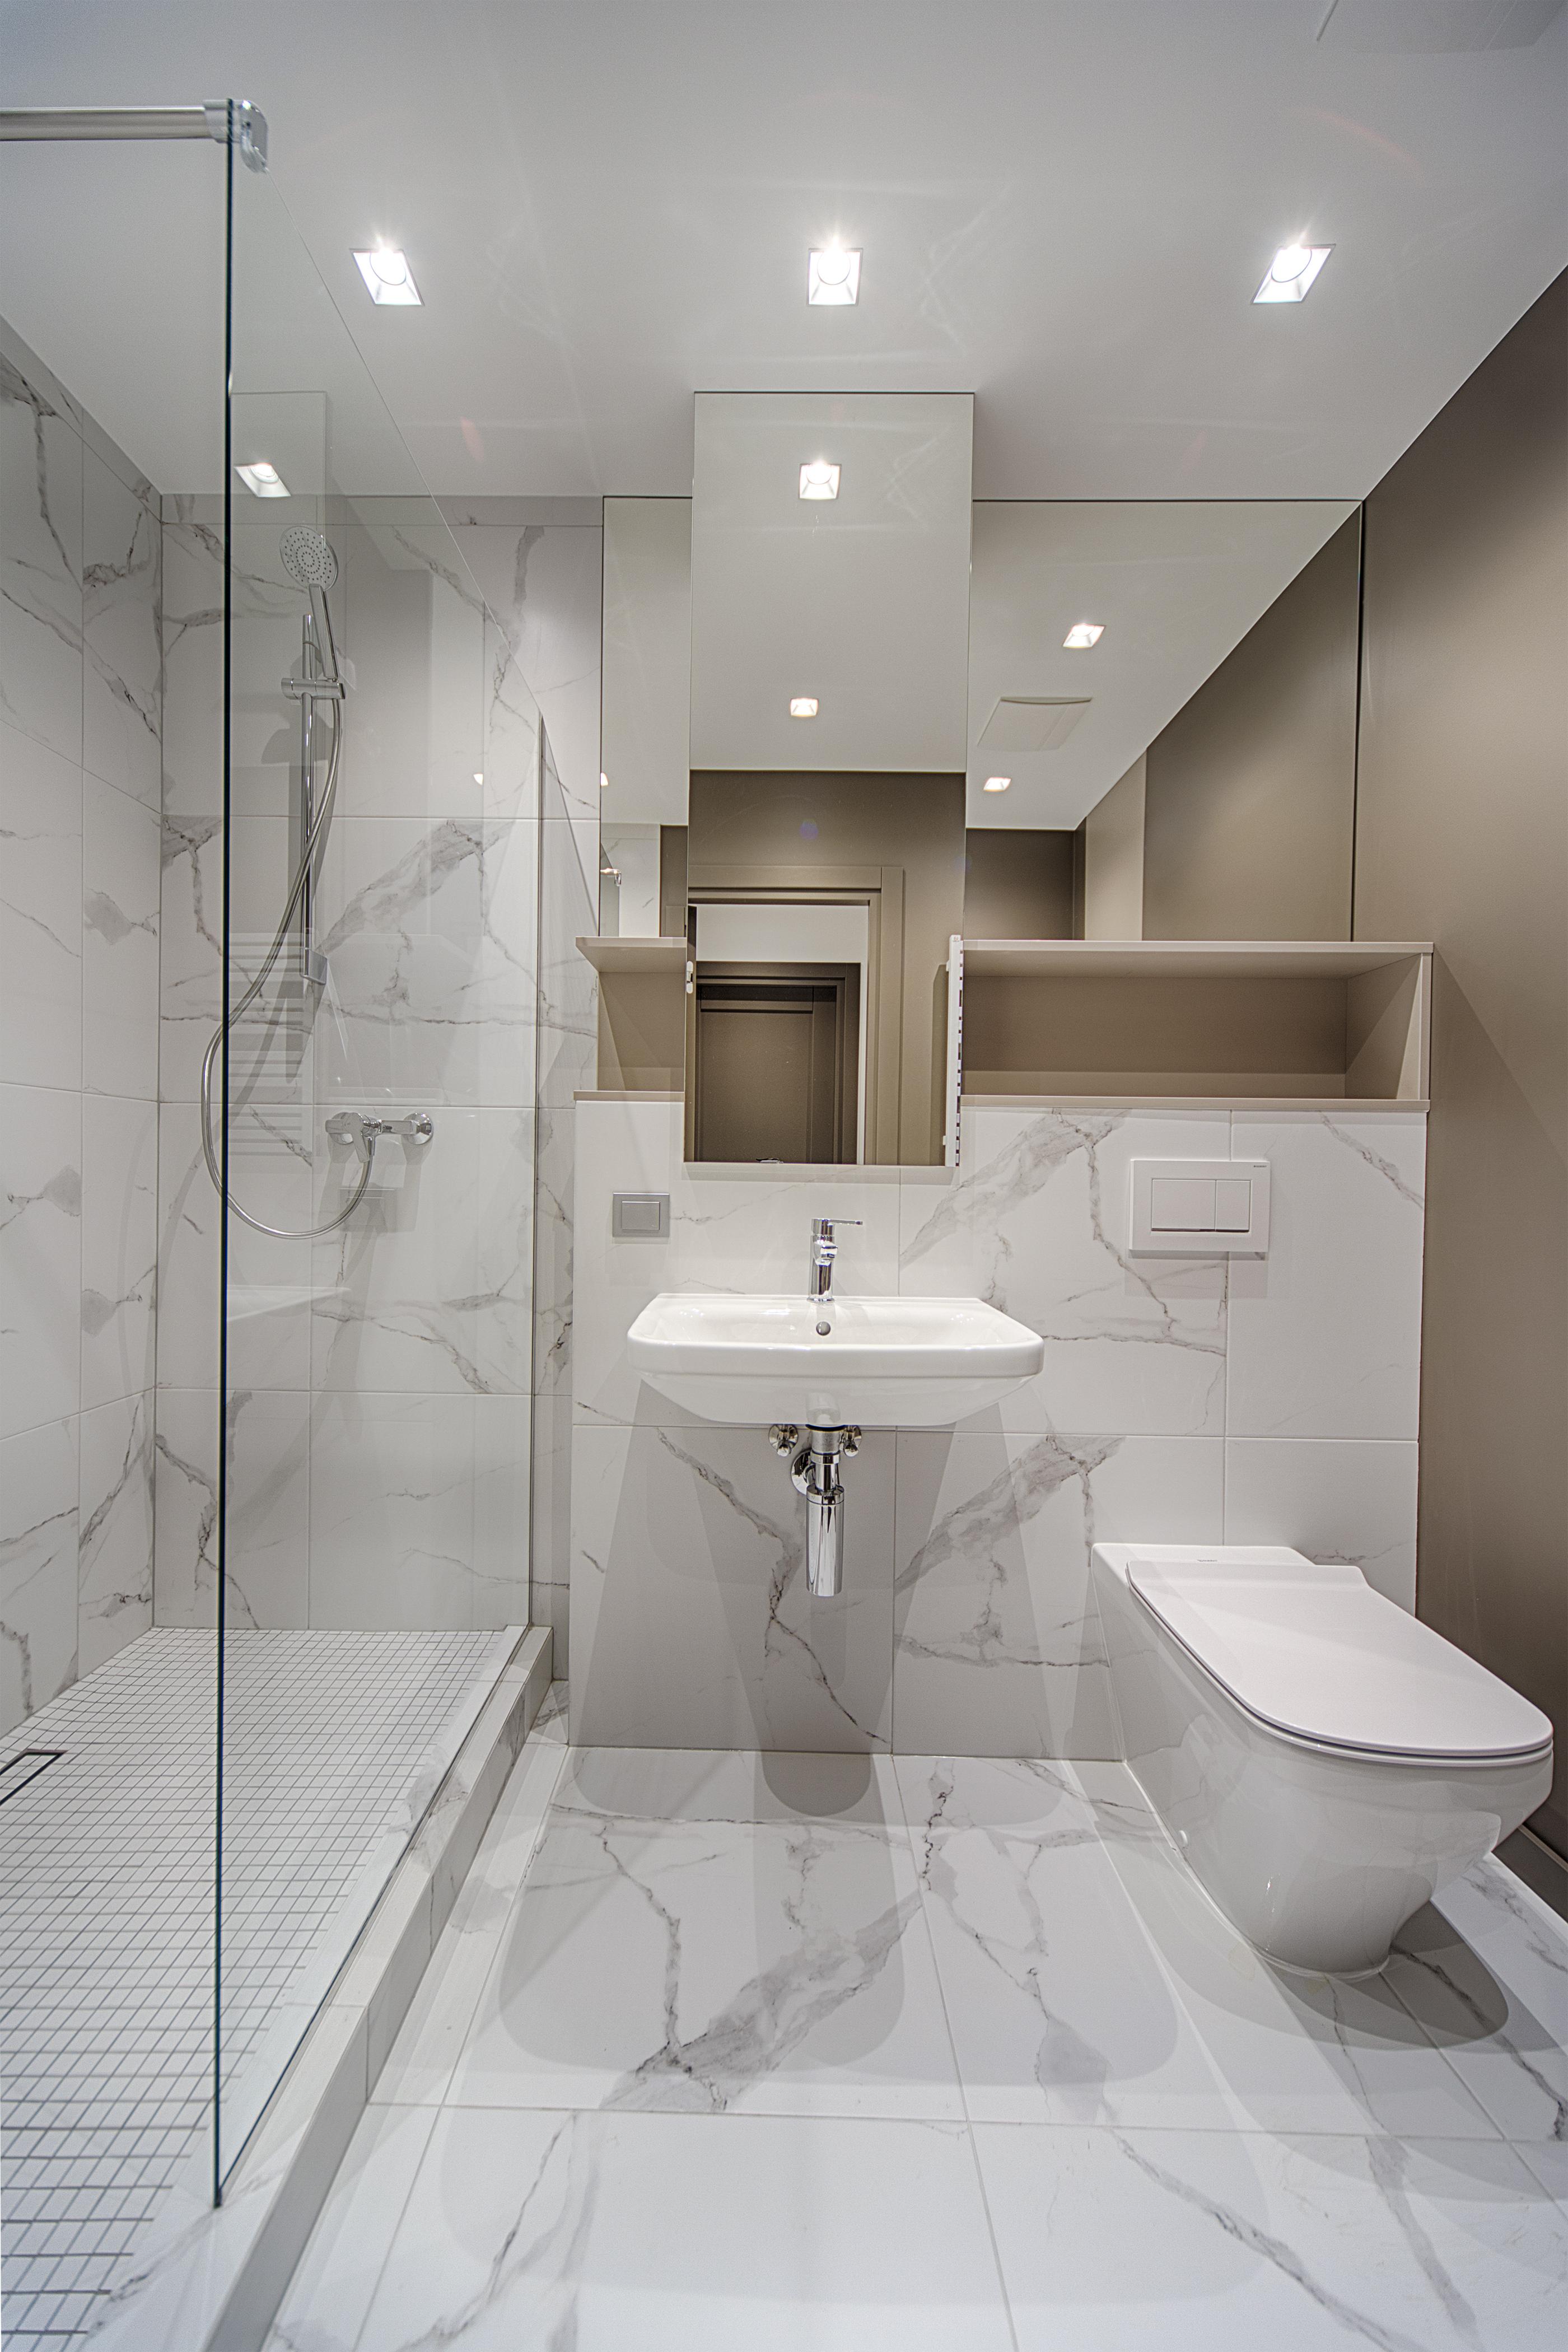 Canaletas de agua en la ducha